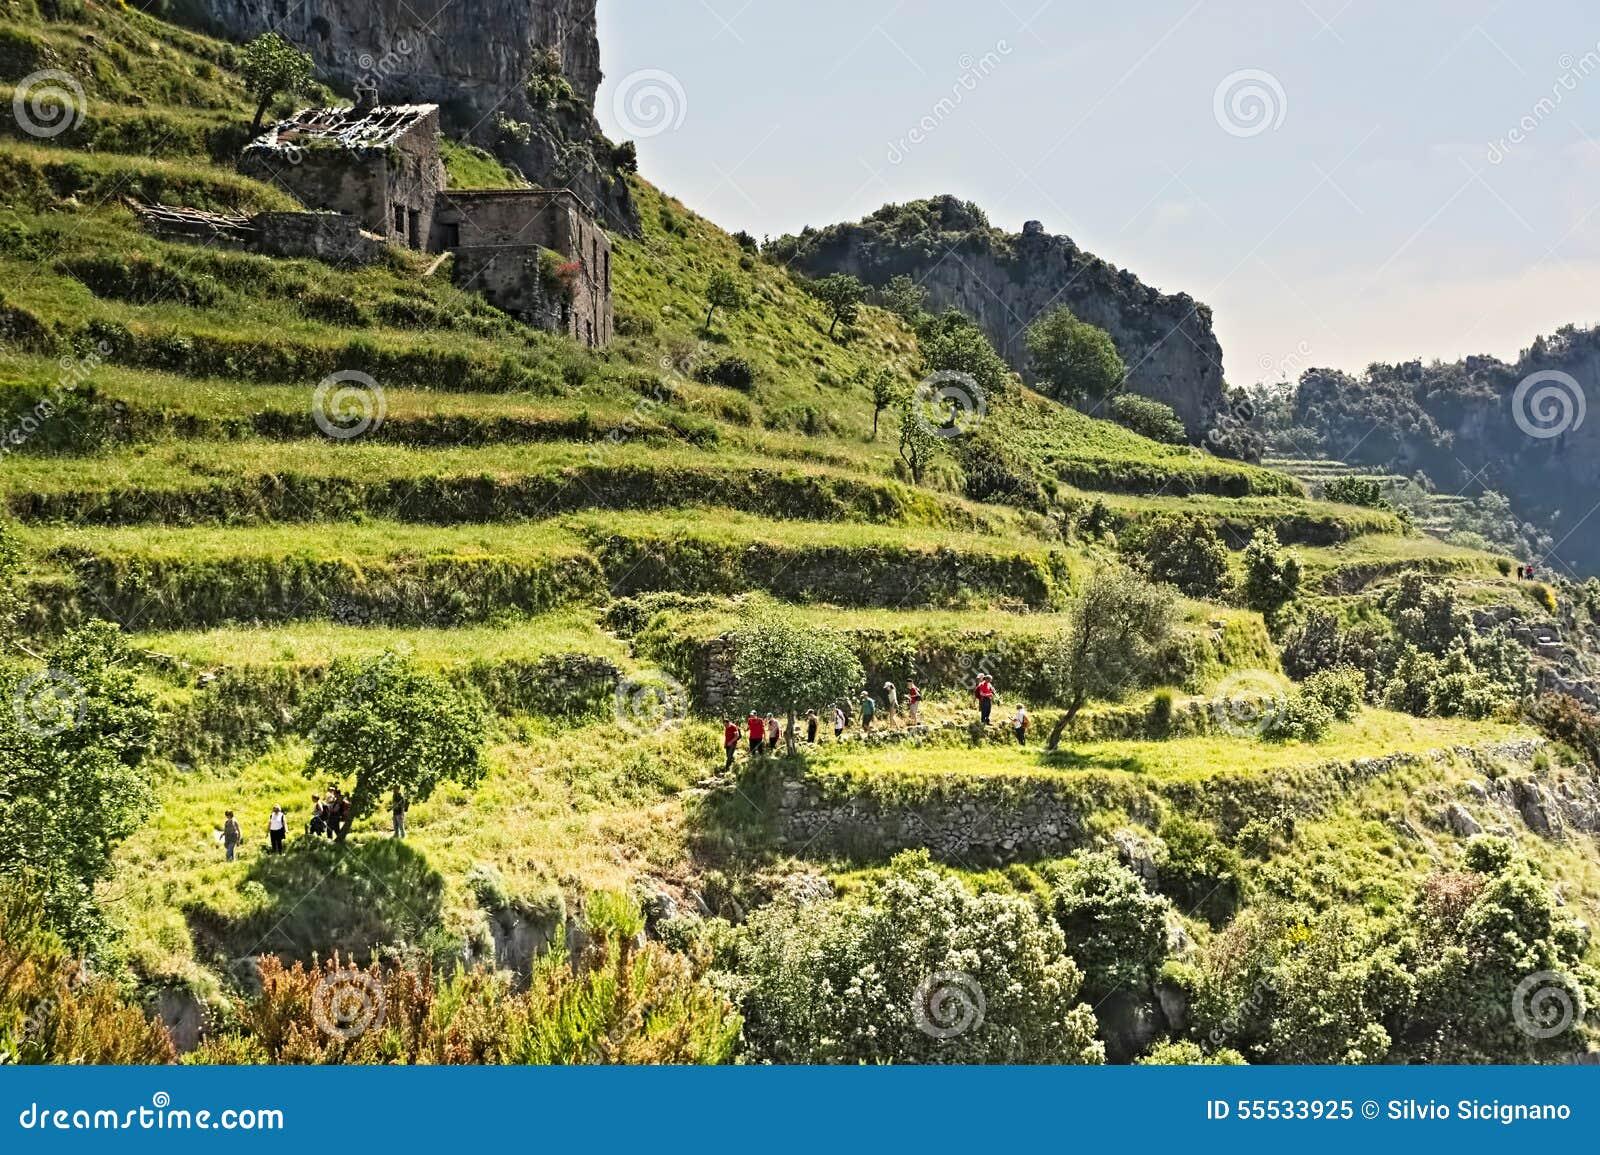 Viandante, trekker, percorso, dei, costa di Amalfi, camminante, terrazzi